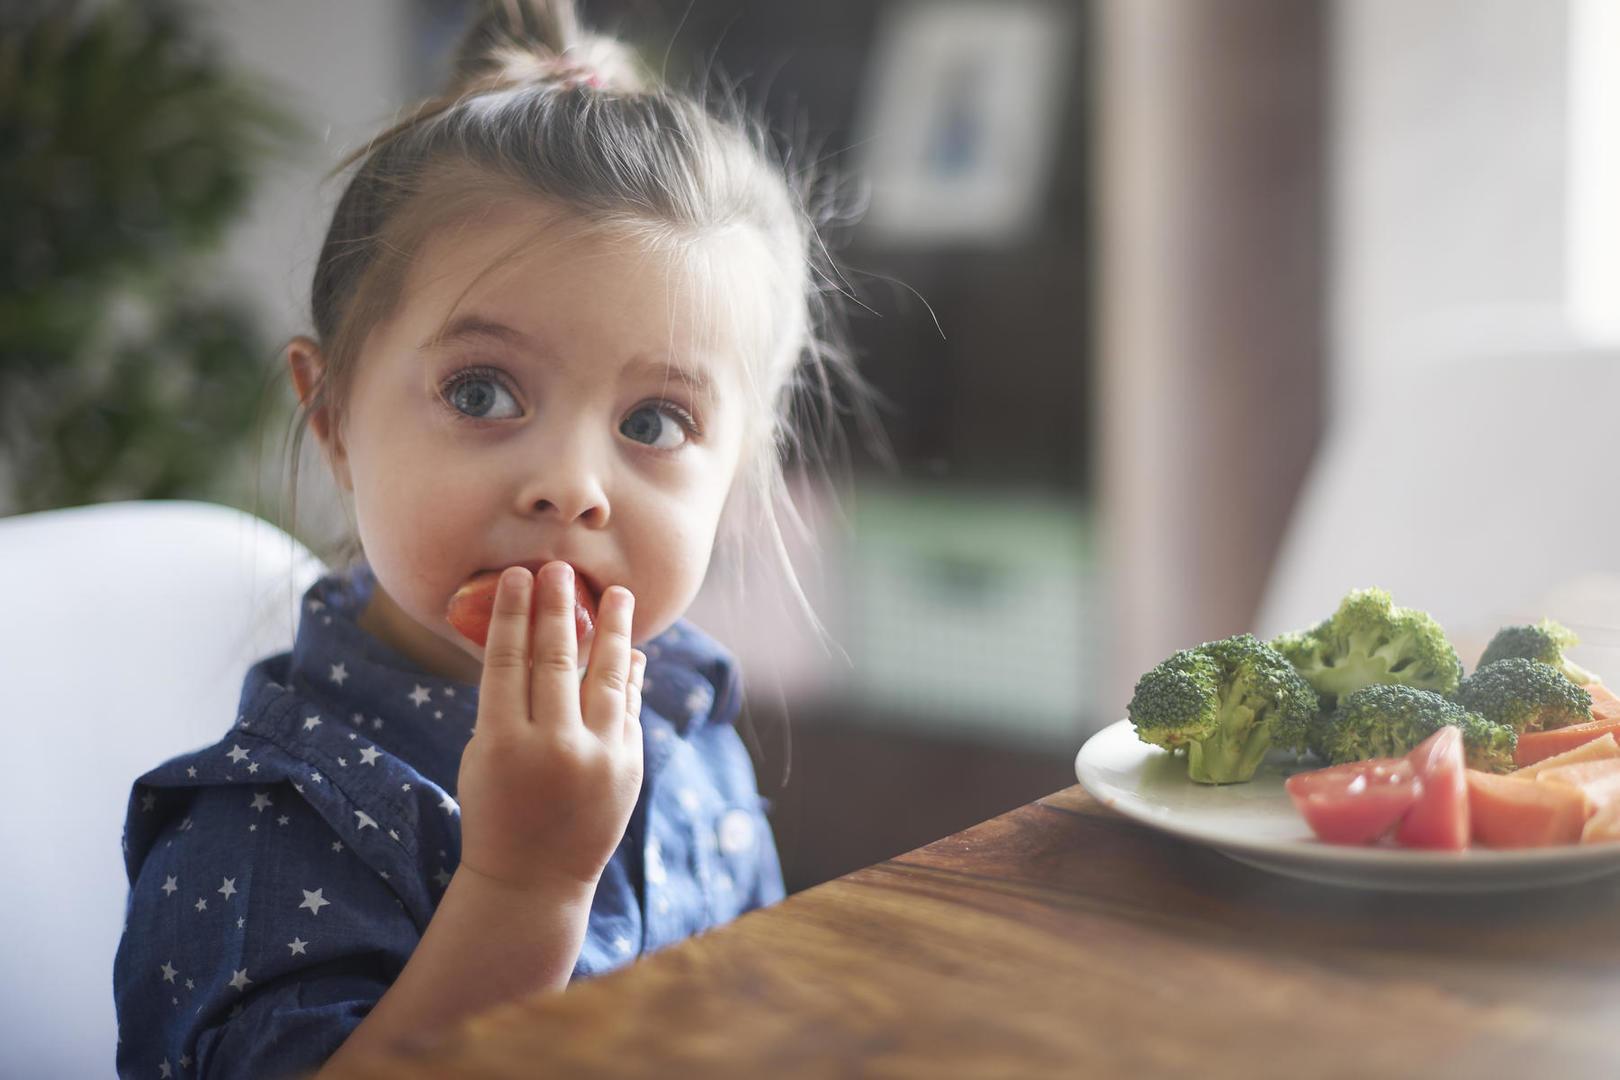 روش هایی که کودک شما بهتر غذا بخورد